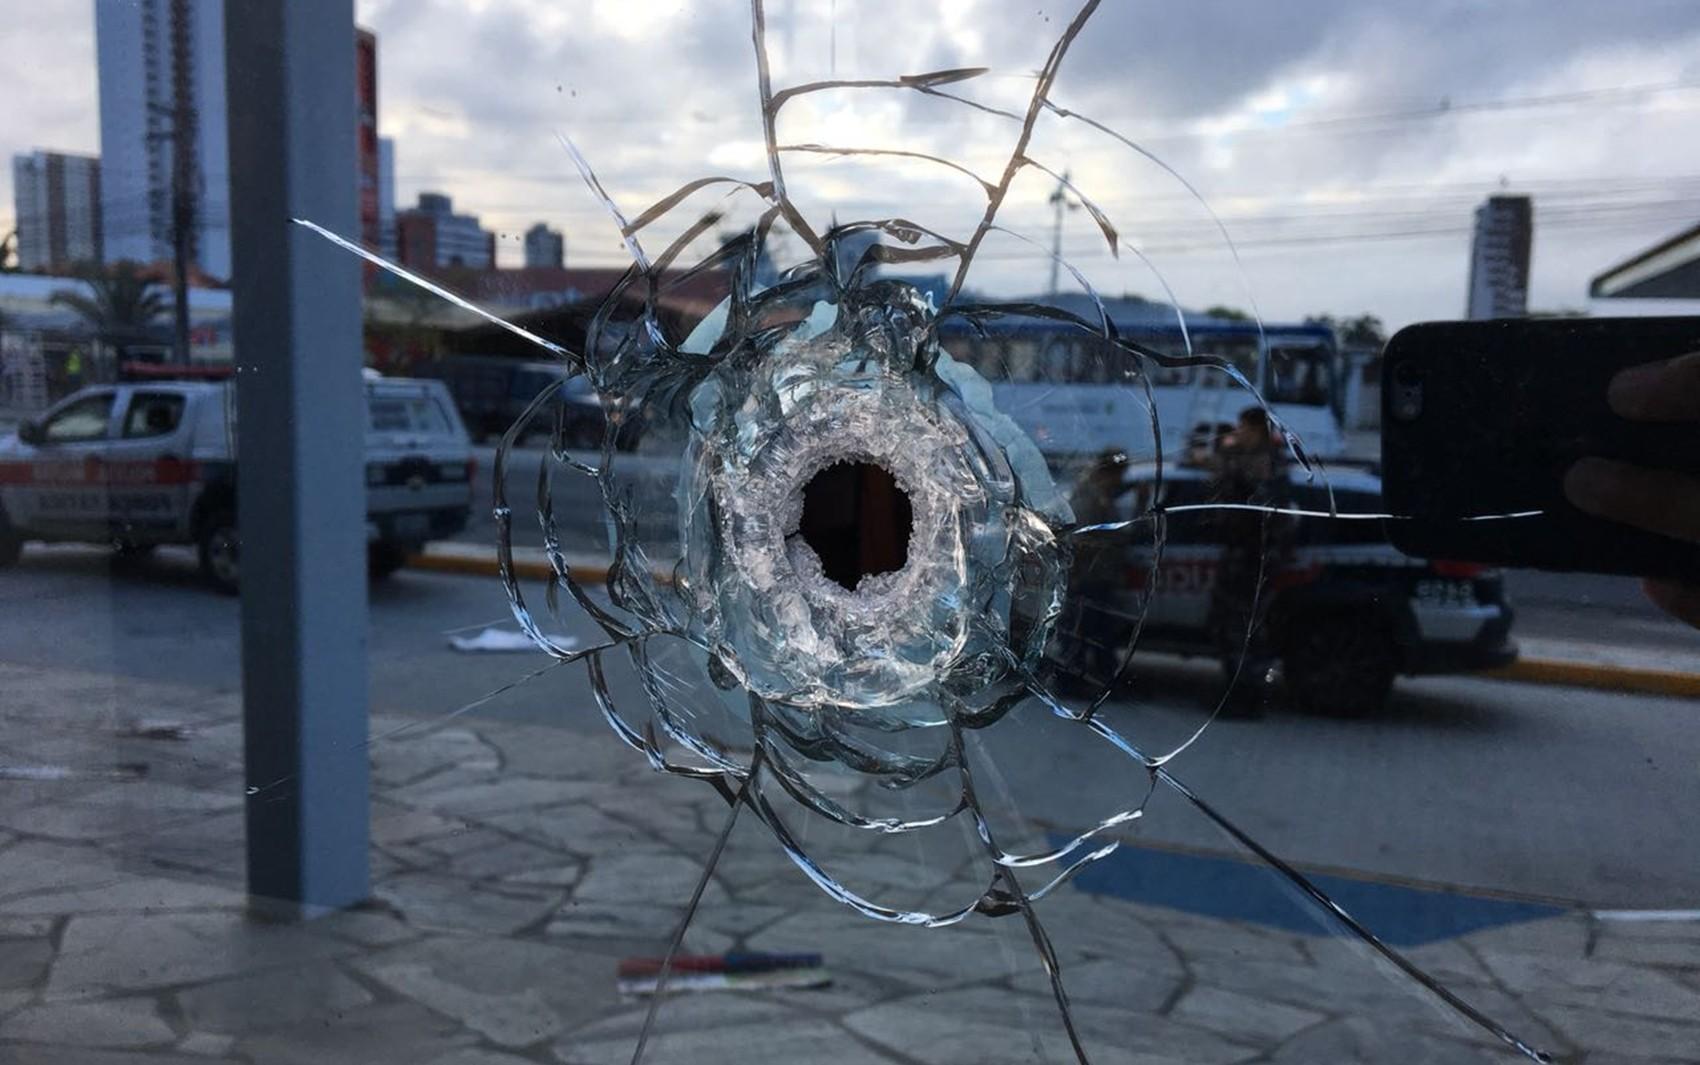 Homem é preso suspeito de explodir posto bancário em shopping de Campina Grande - Notícias - Plantão Diário